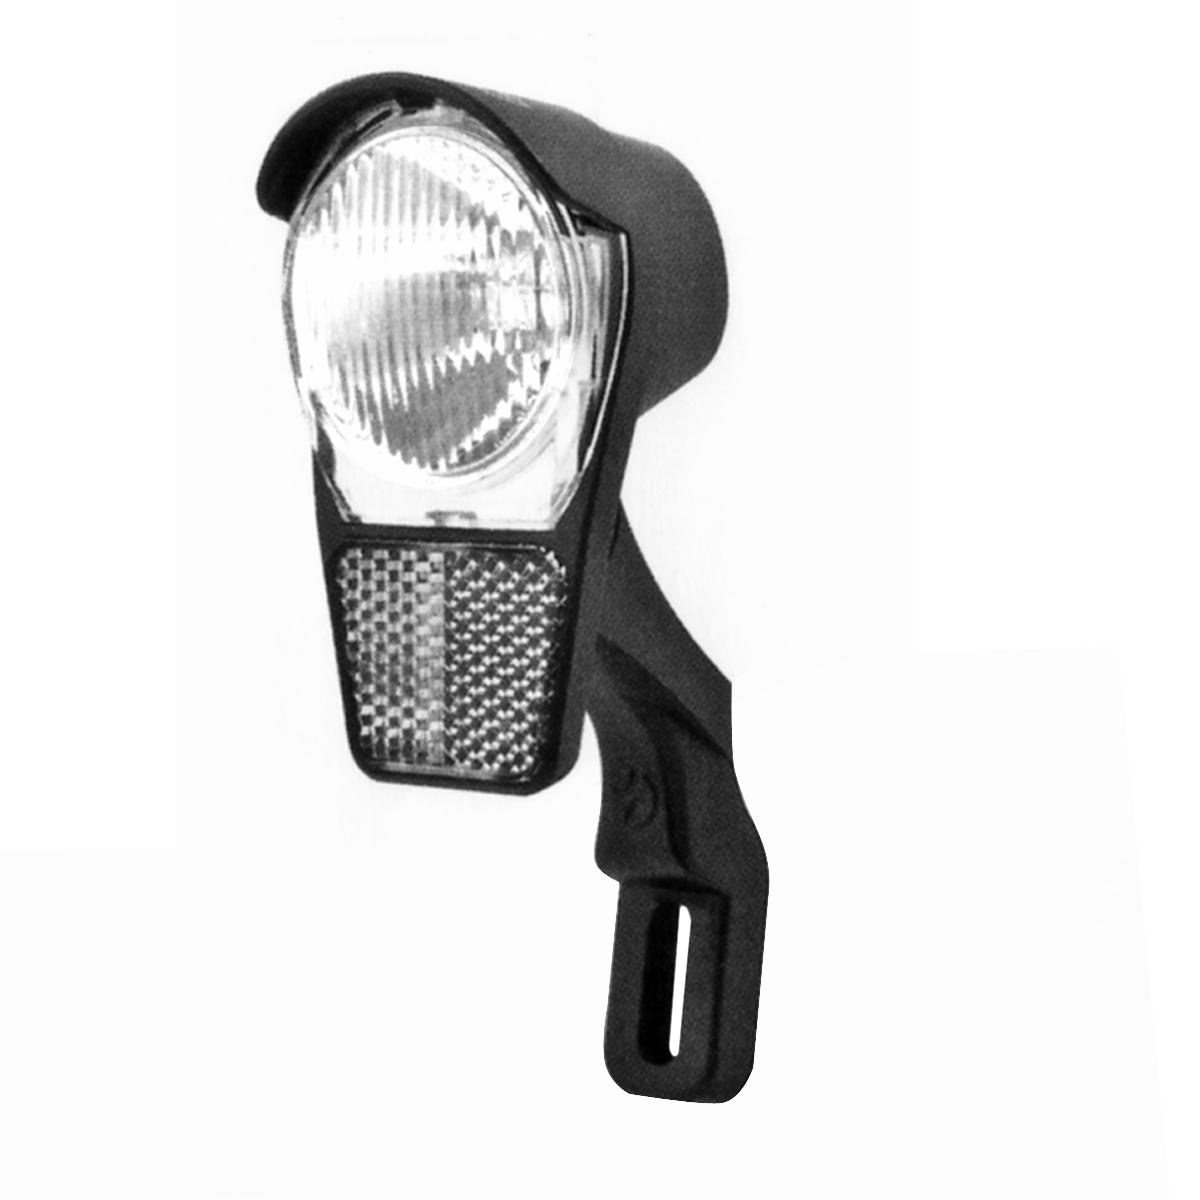 Éclairage avant Spanninga Galeo Xdo 1 LED 4 LUX Fix. sur fourche Dynamo Noir